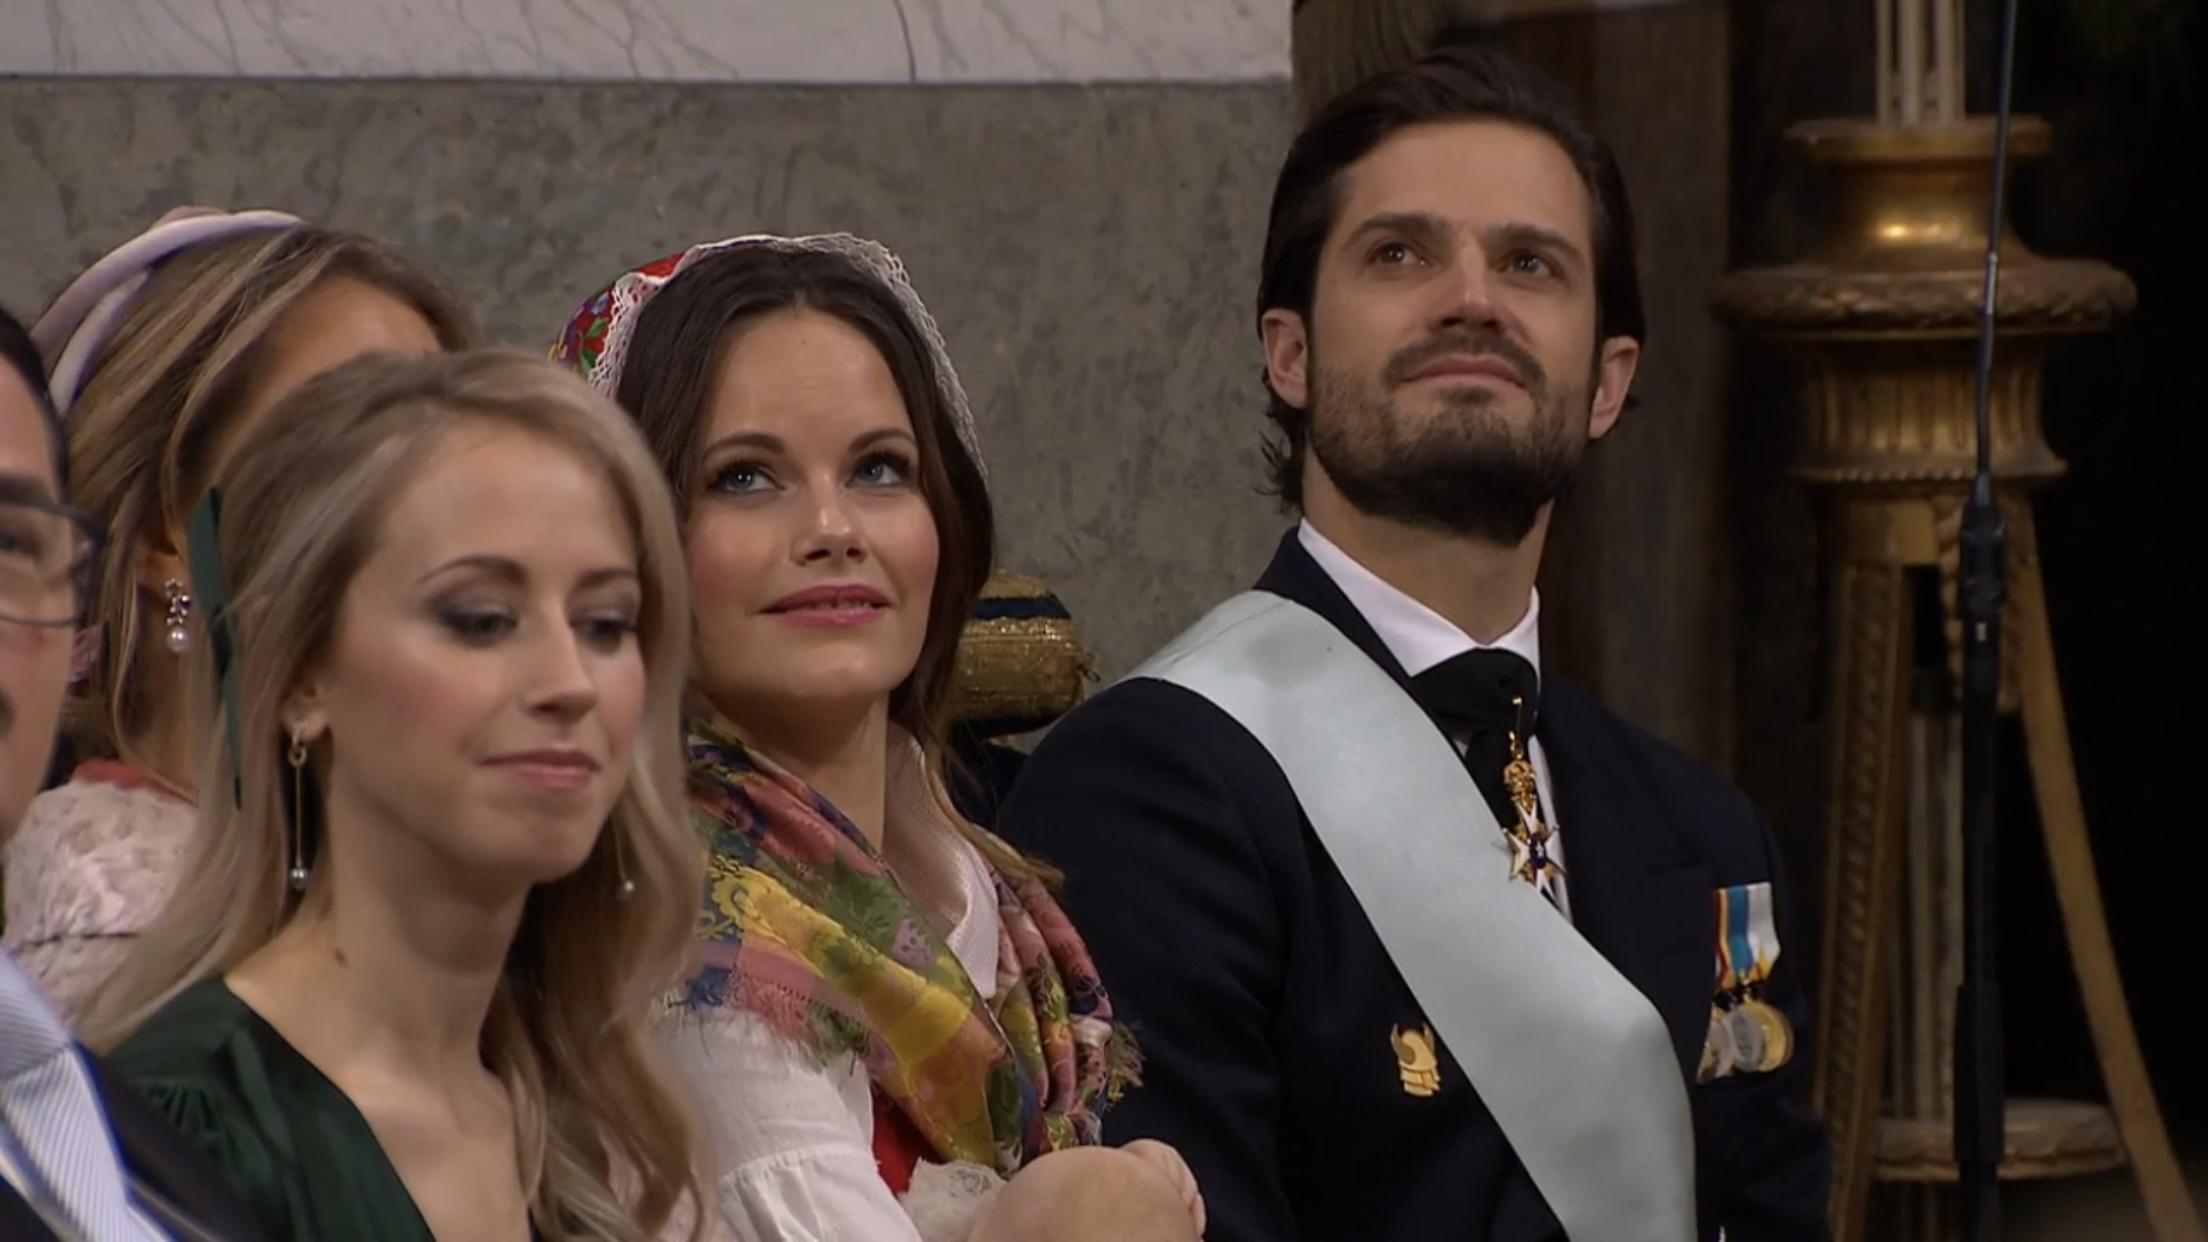 Prinzessin Sofia überraschte alle mit ihrem Outfit. Sie trug eine traditionelle Tracht und Kopfbedeckung   Foto: Screenshot Live-Übertragung